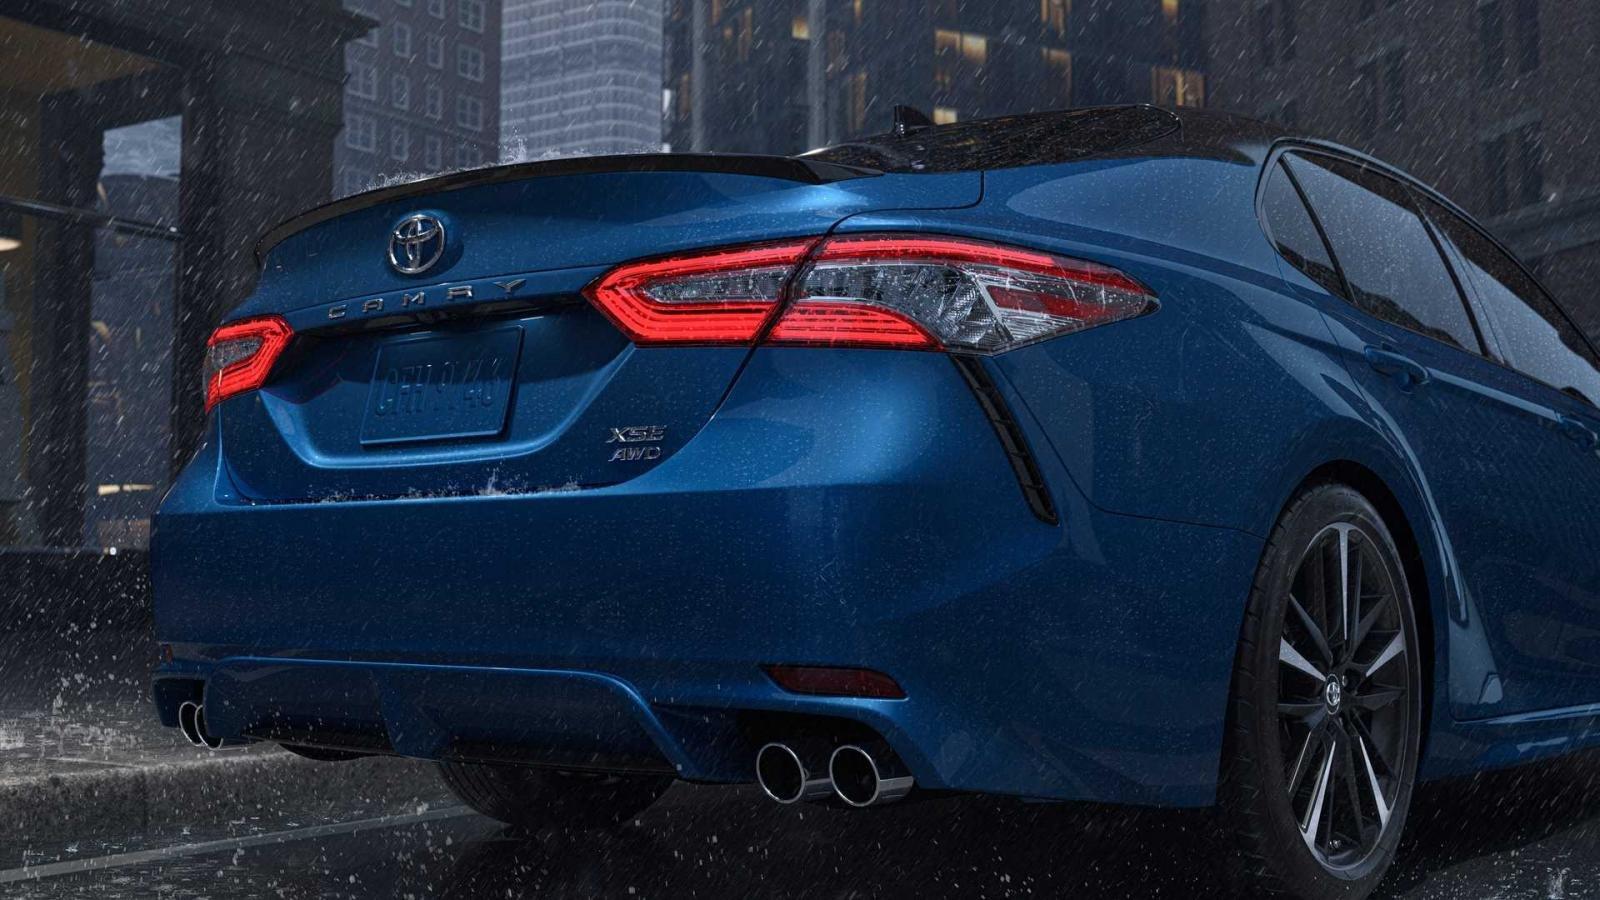 Toyota Camry 2020 AWD cùng Avalon sẽ là biến thể đáng chú ý